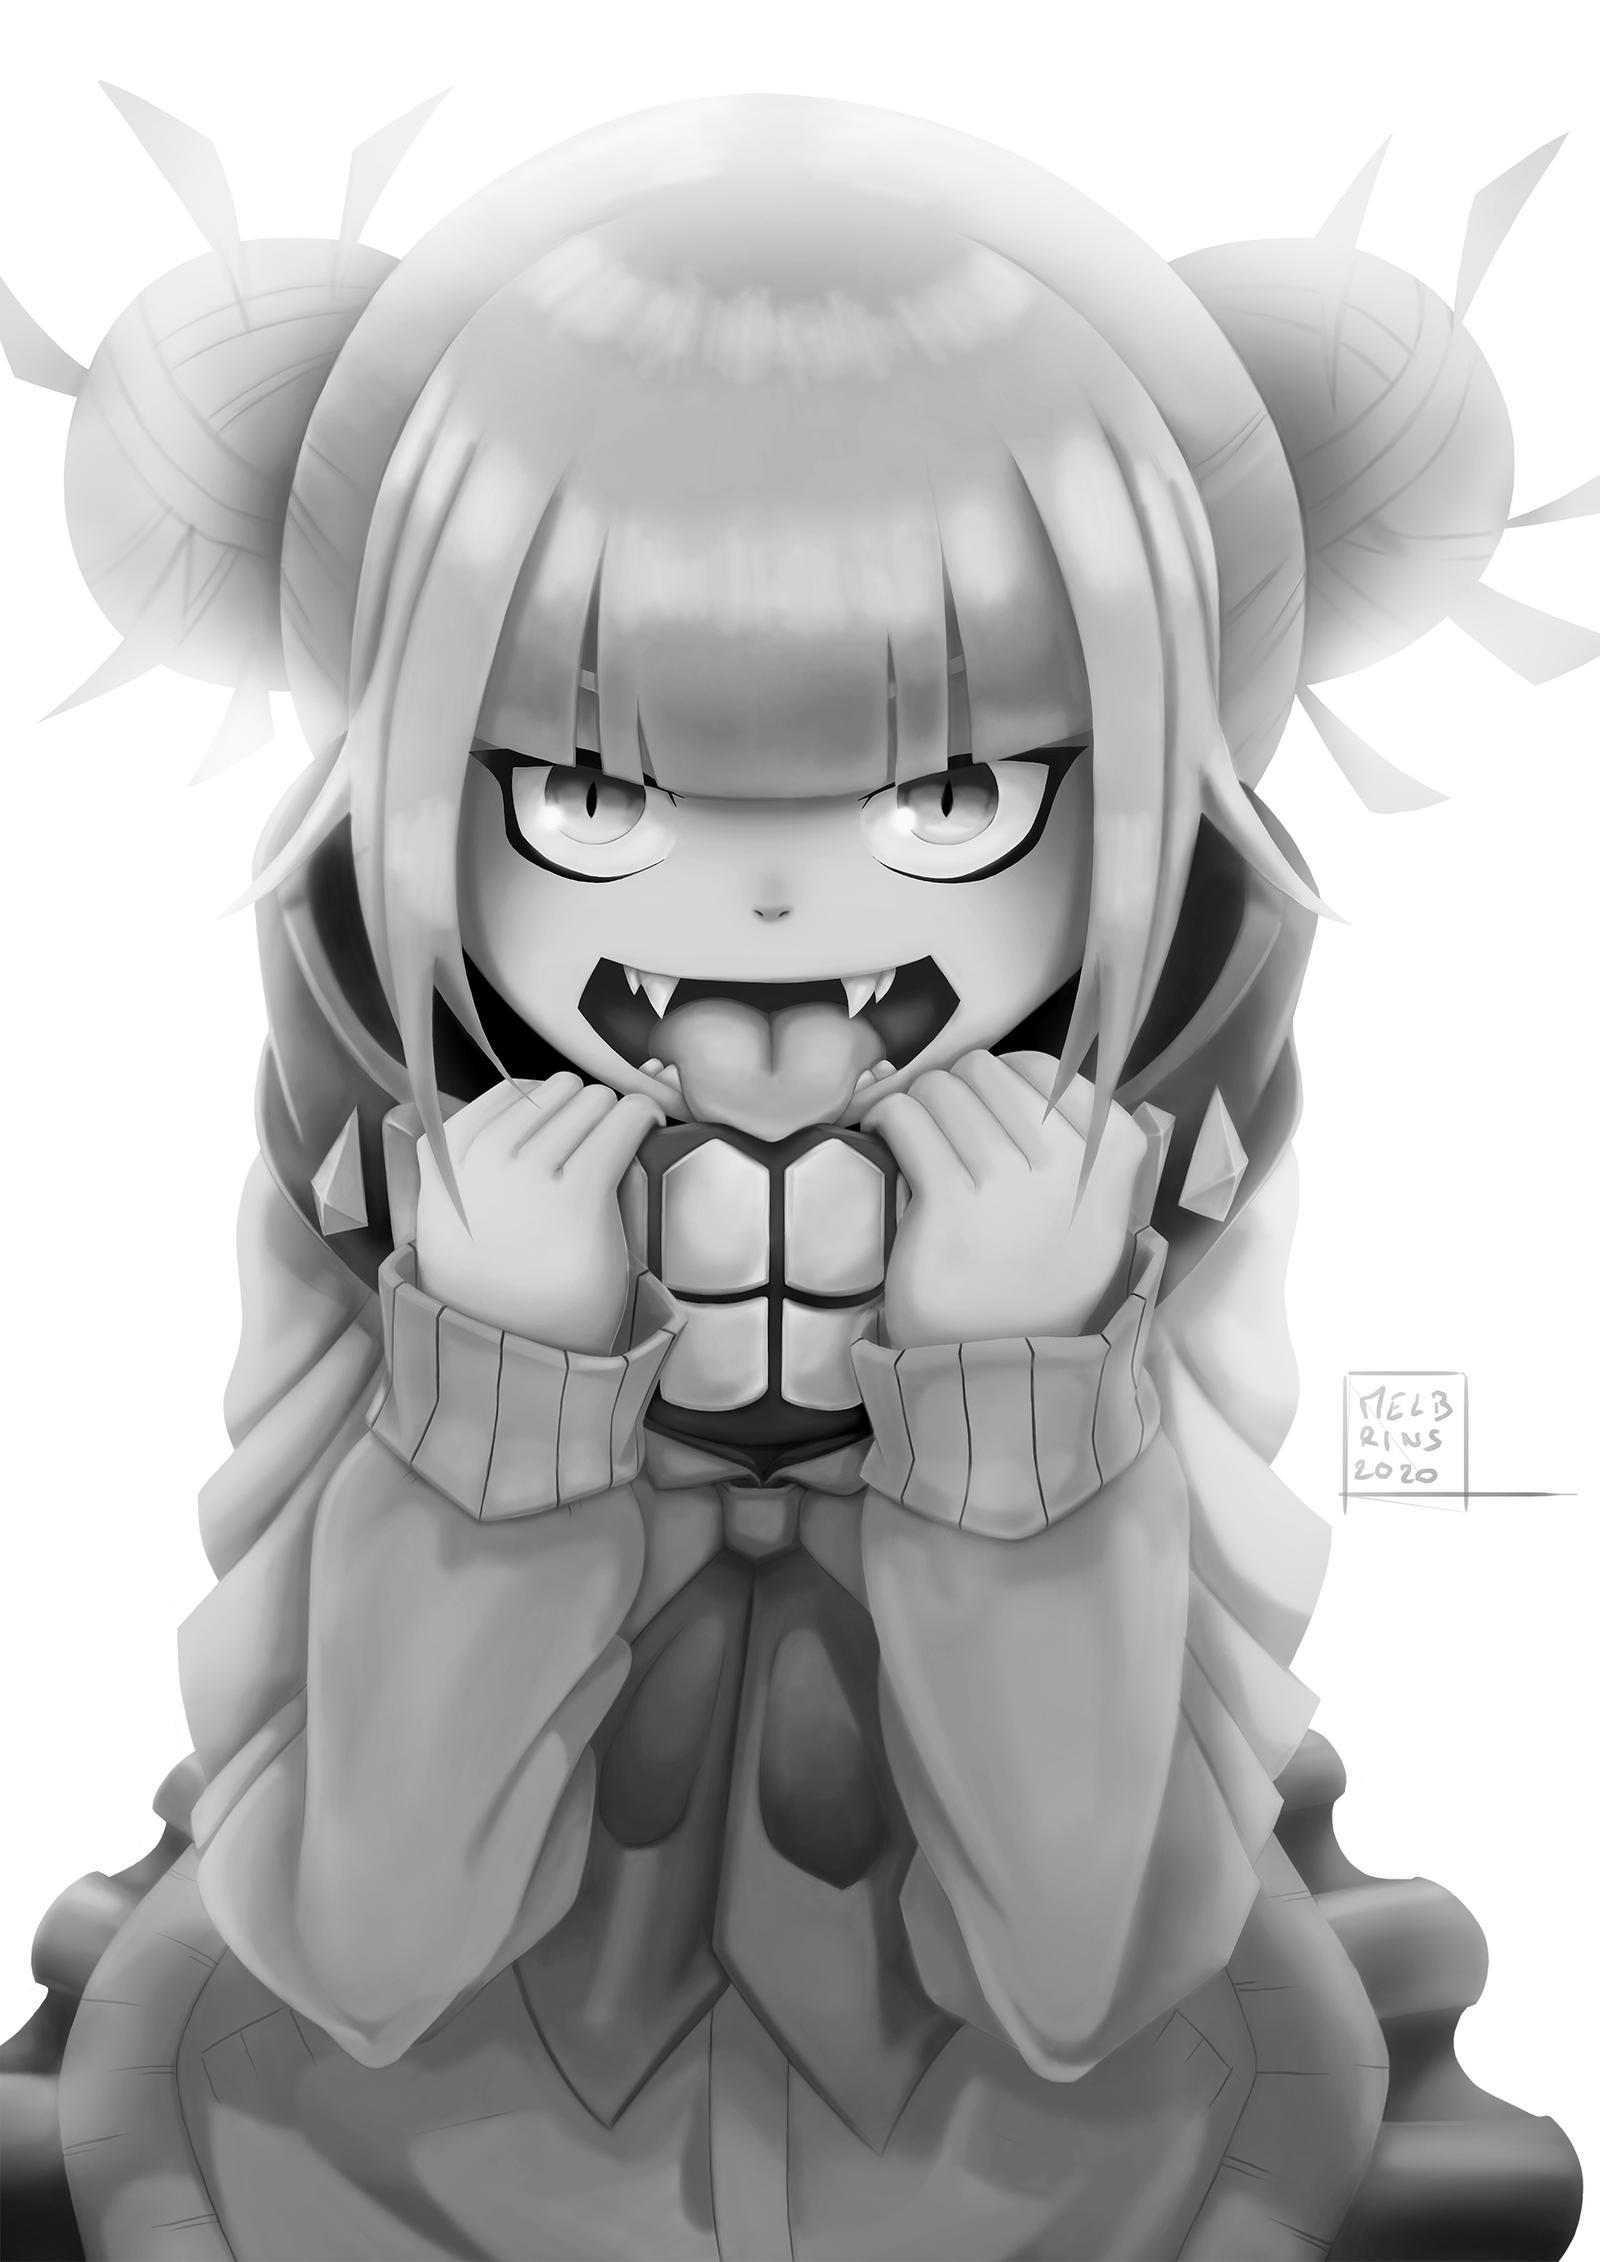 3D series #3 - Himiko Toga